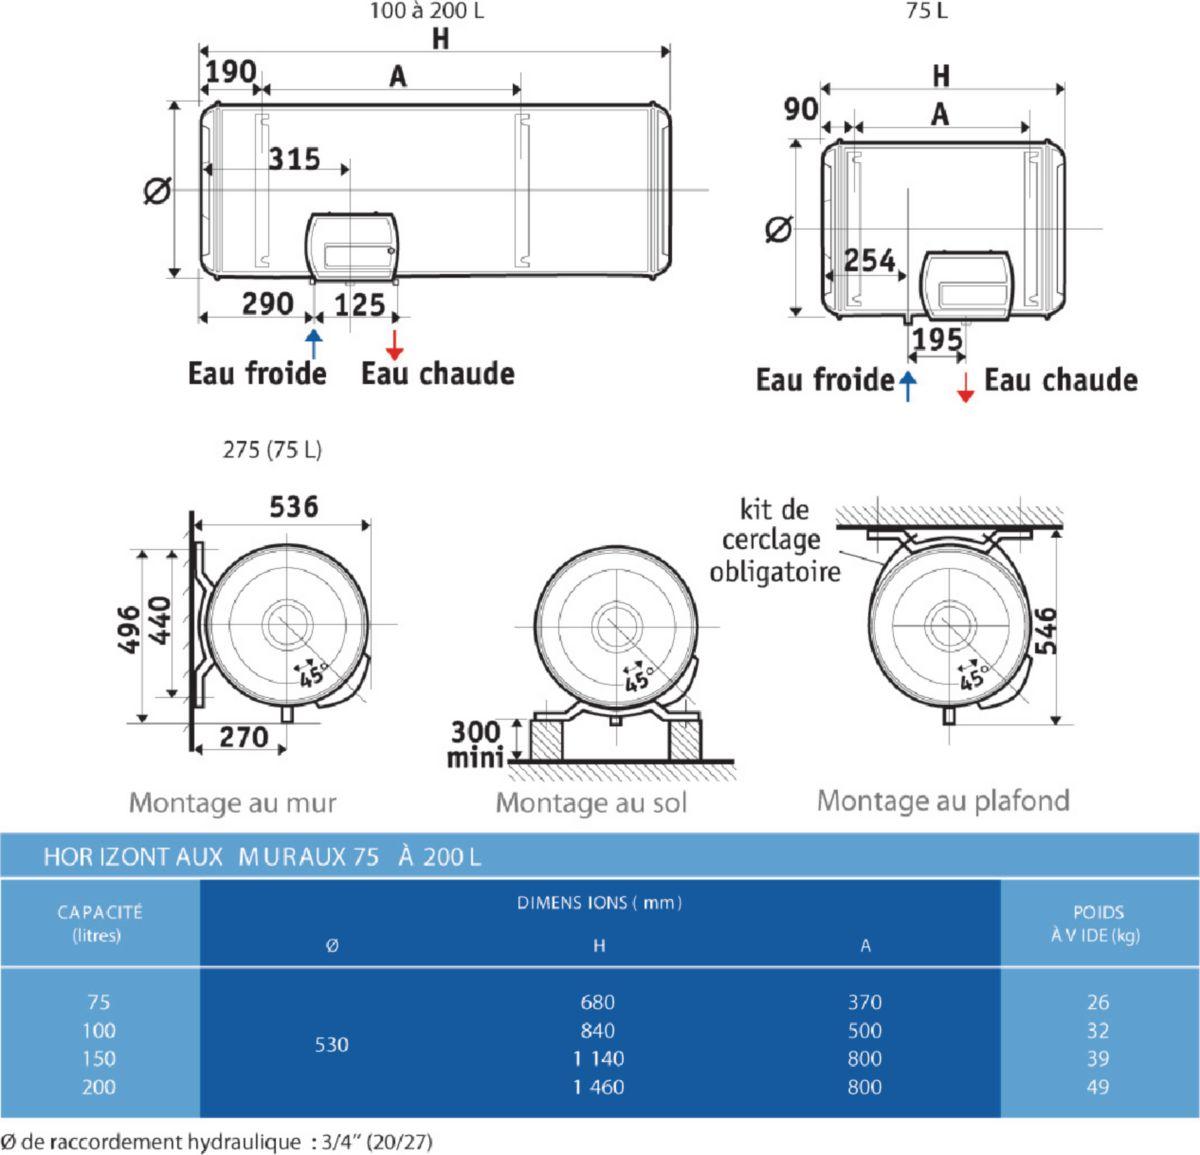 Surréaliste ATLANTIC ELECTRIQUE - Chauffe eau électrique 150 litres ZENEO ACI XS-21